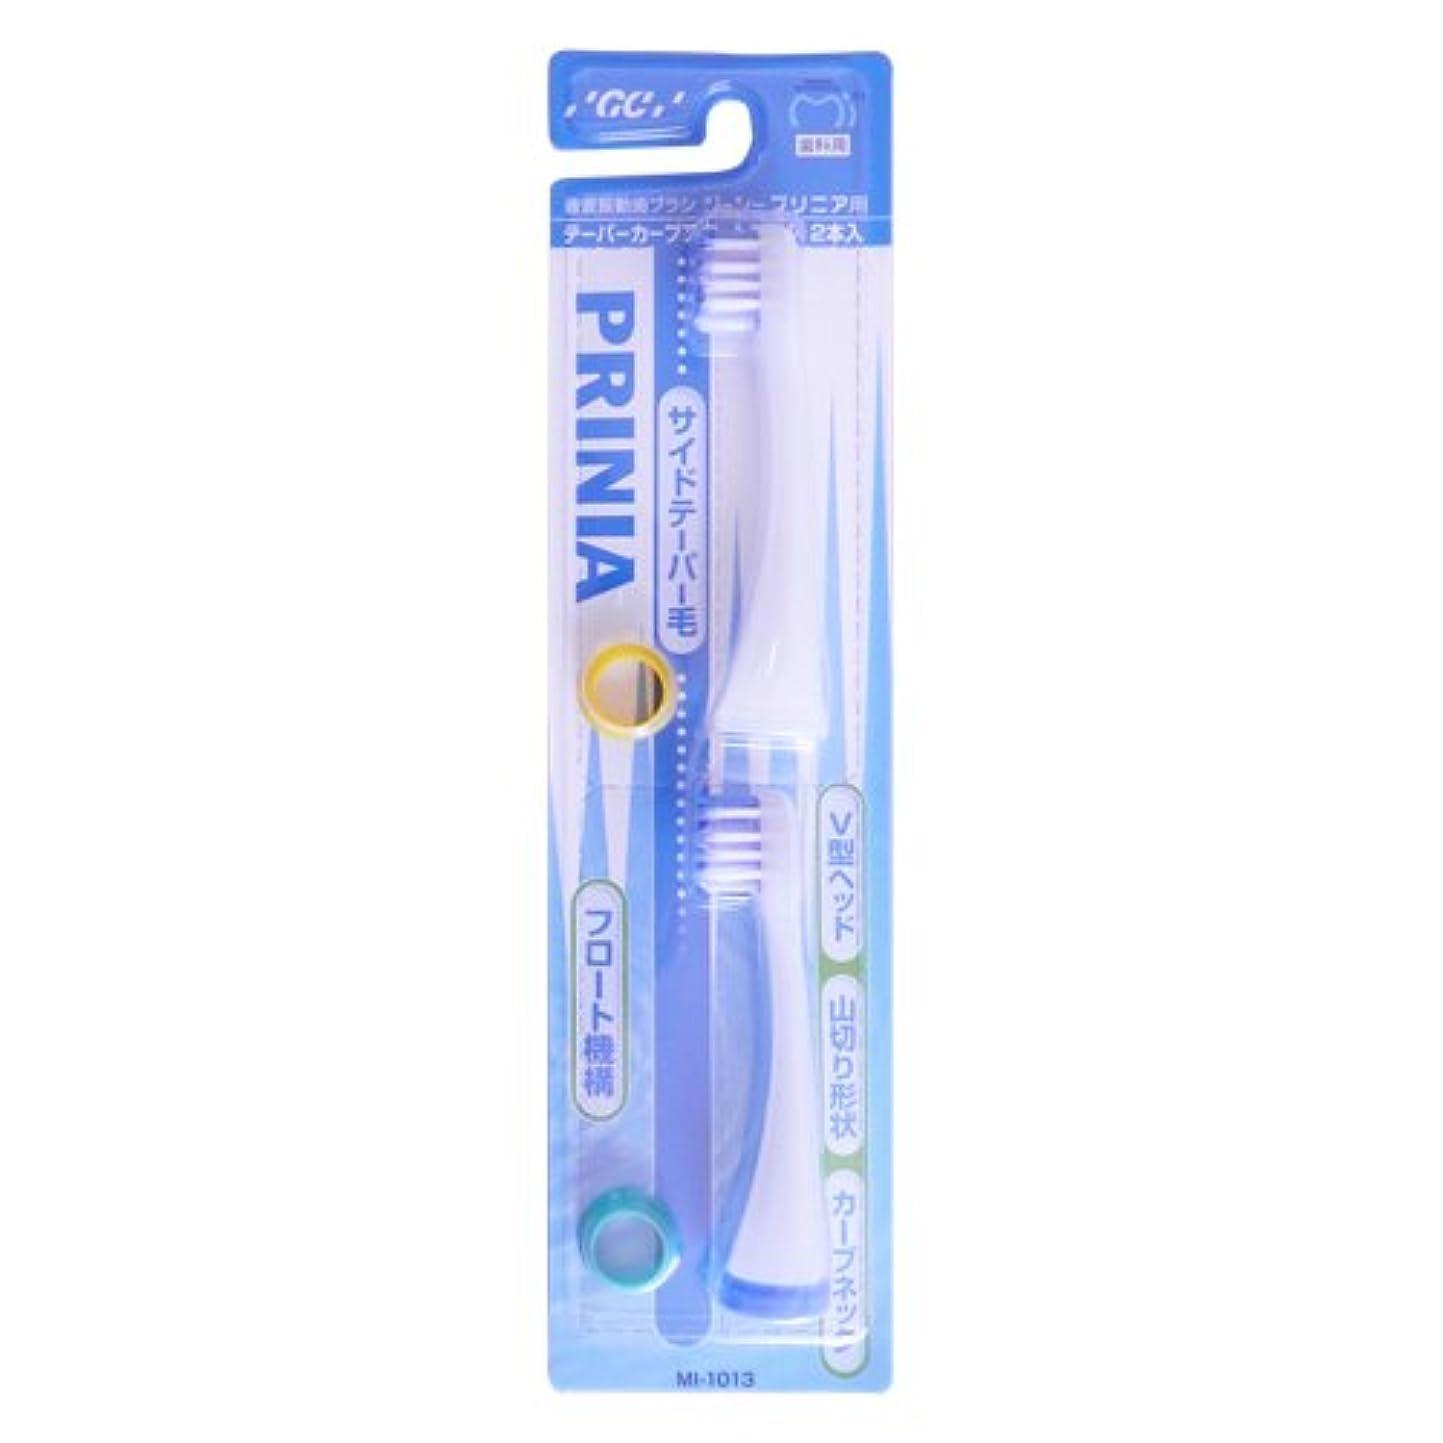 滝野な費用ジーシー(GC) 歯科用 プリニア用 テーパーカーブフロートブラシ 2本入 替ブラシ ブルー